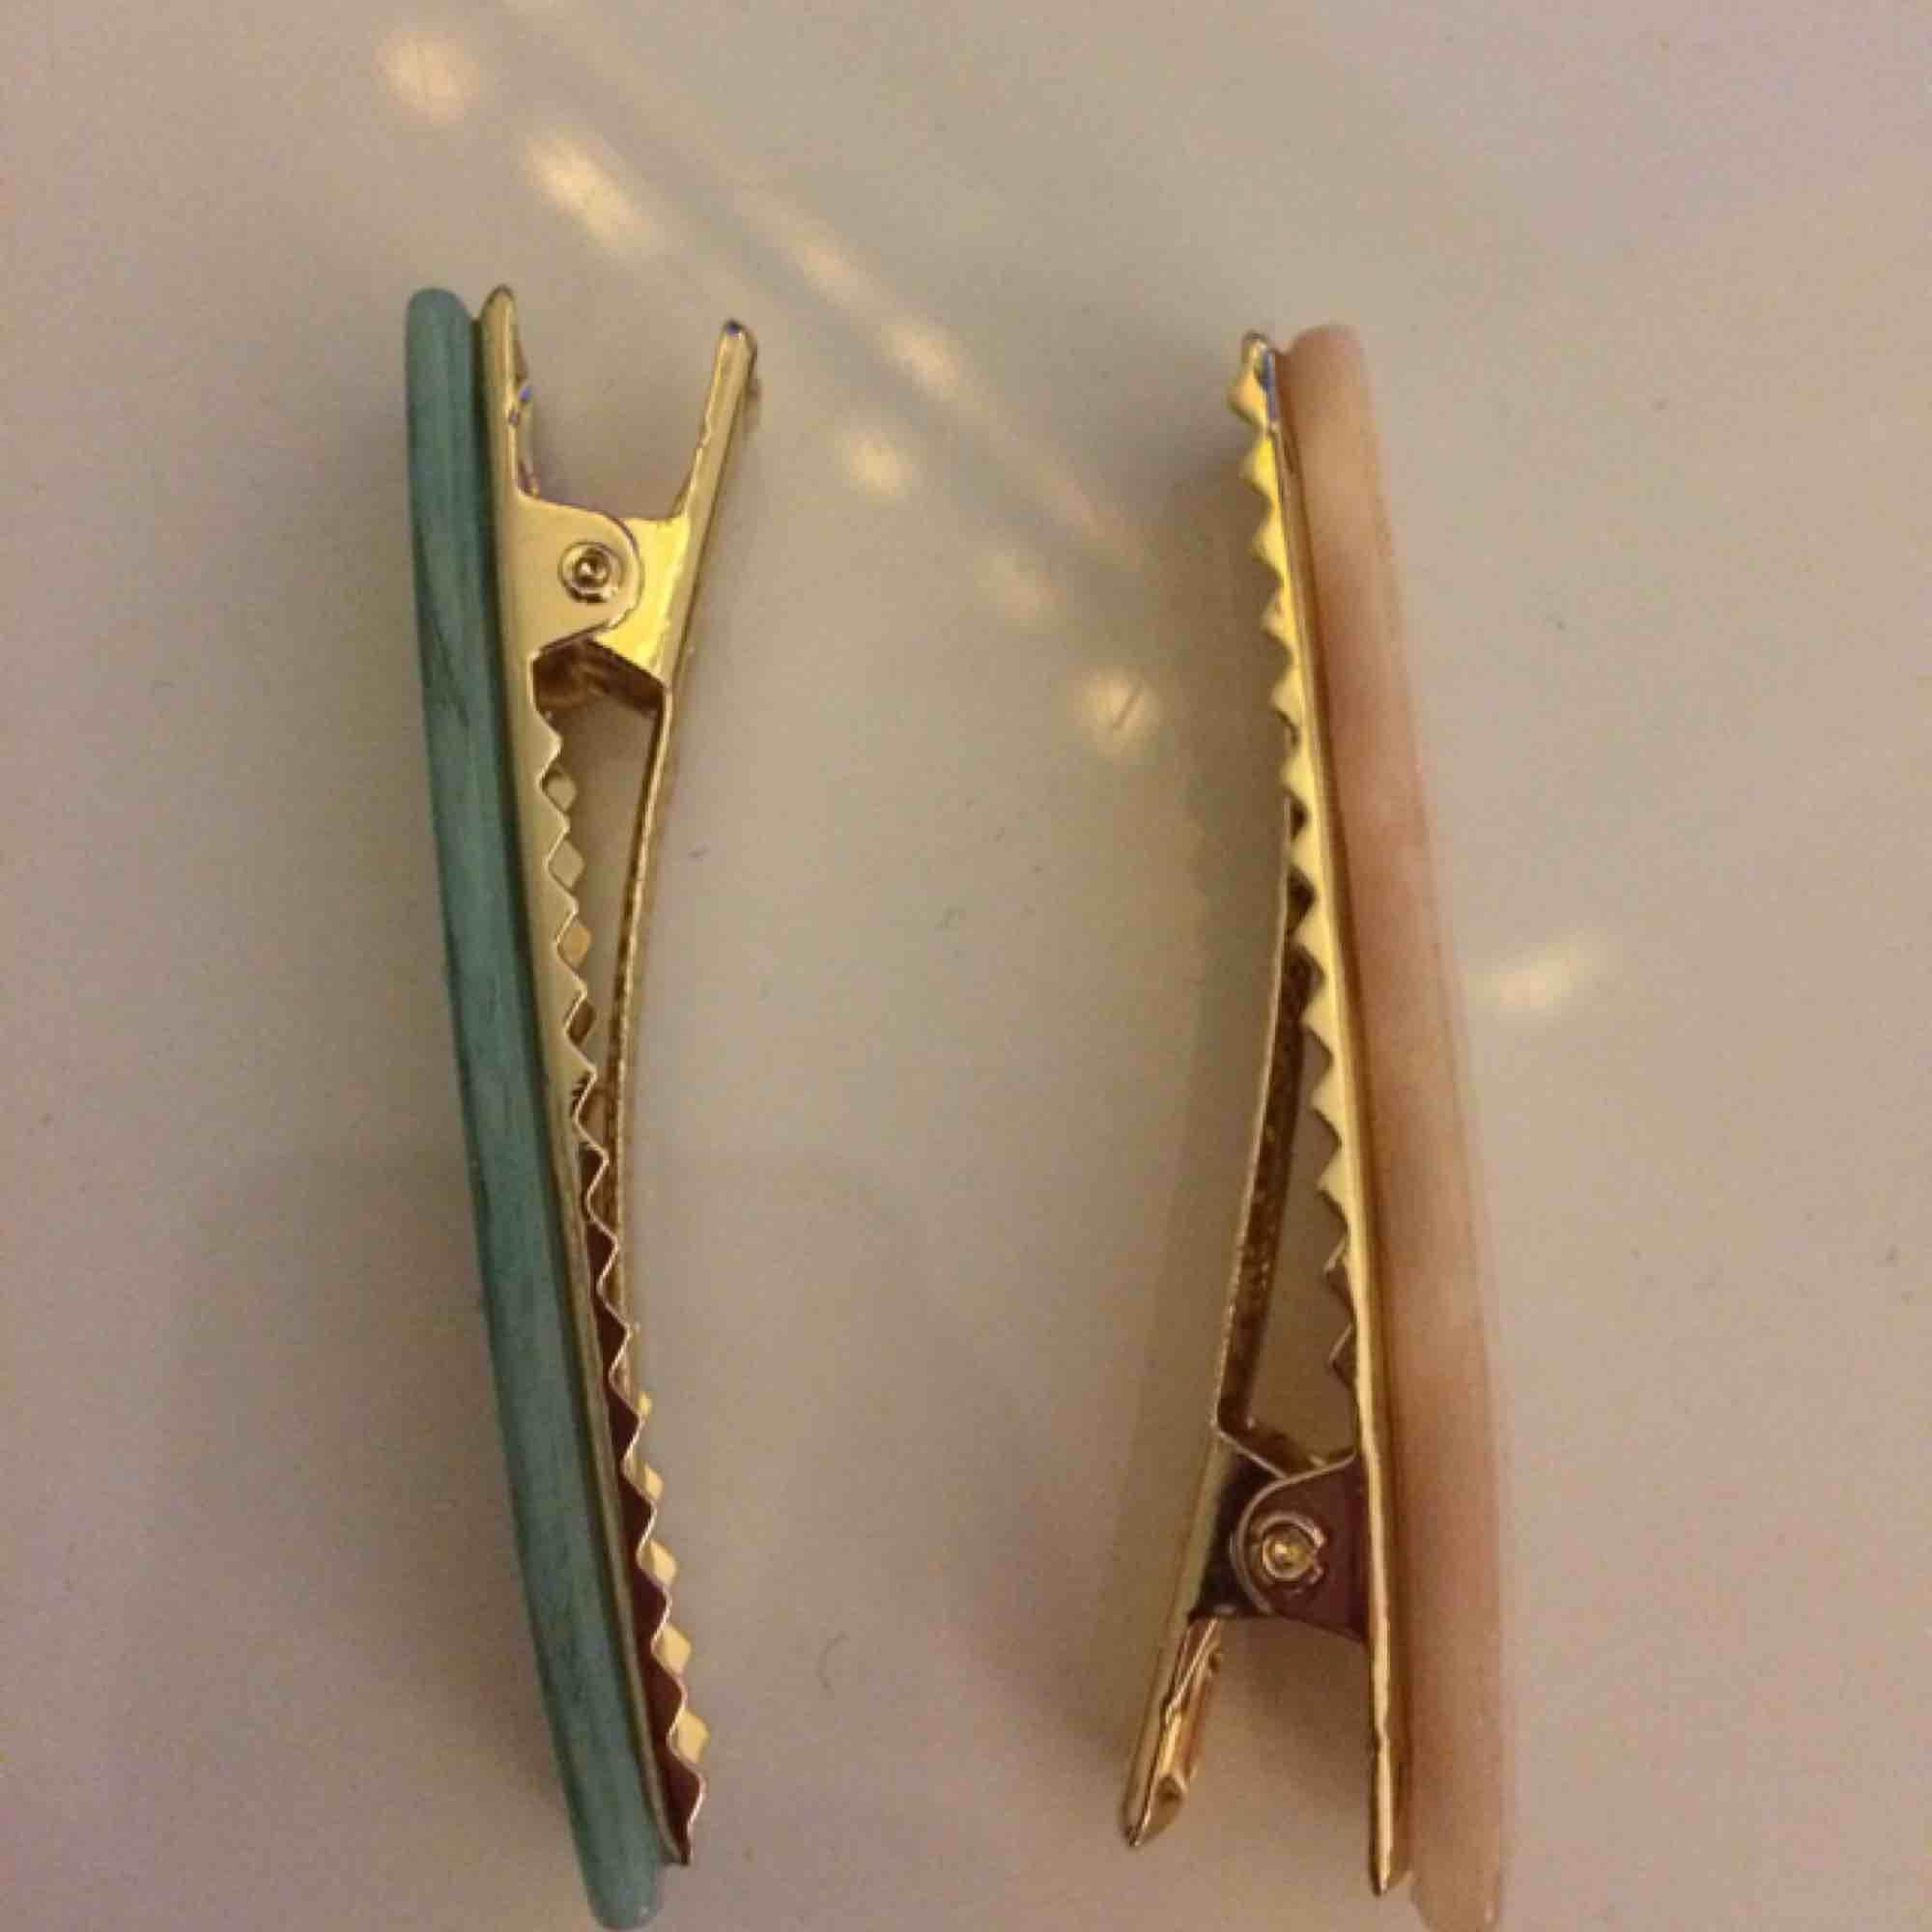 Två snygga hårspännen från H&M som inte kommit till användning. Kan köpas för 30 st eller 50 för båda. Fraktkostnad tillkommer. 👑💗🤩. Accessoarer.